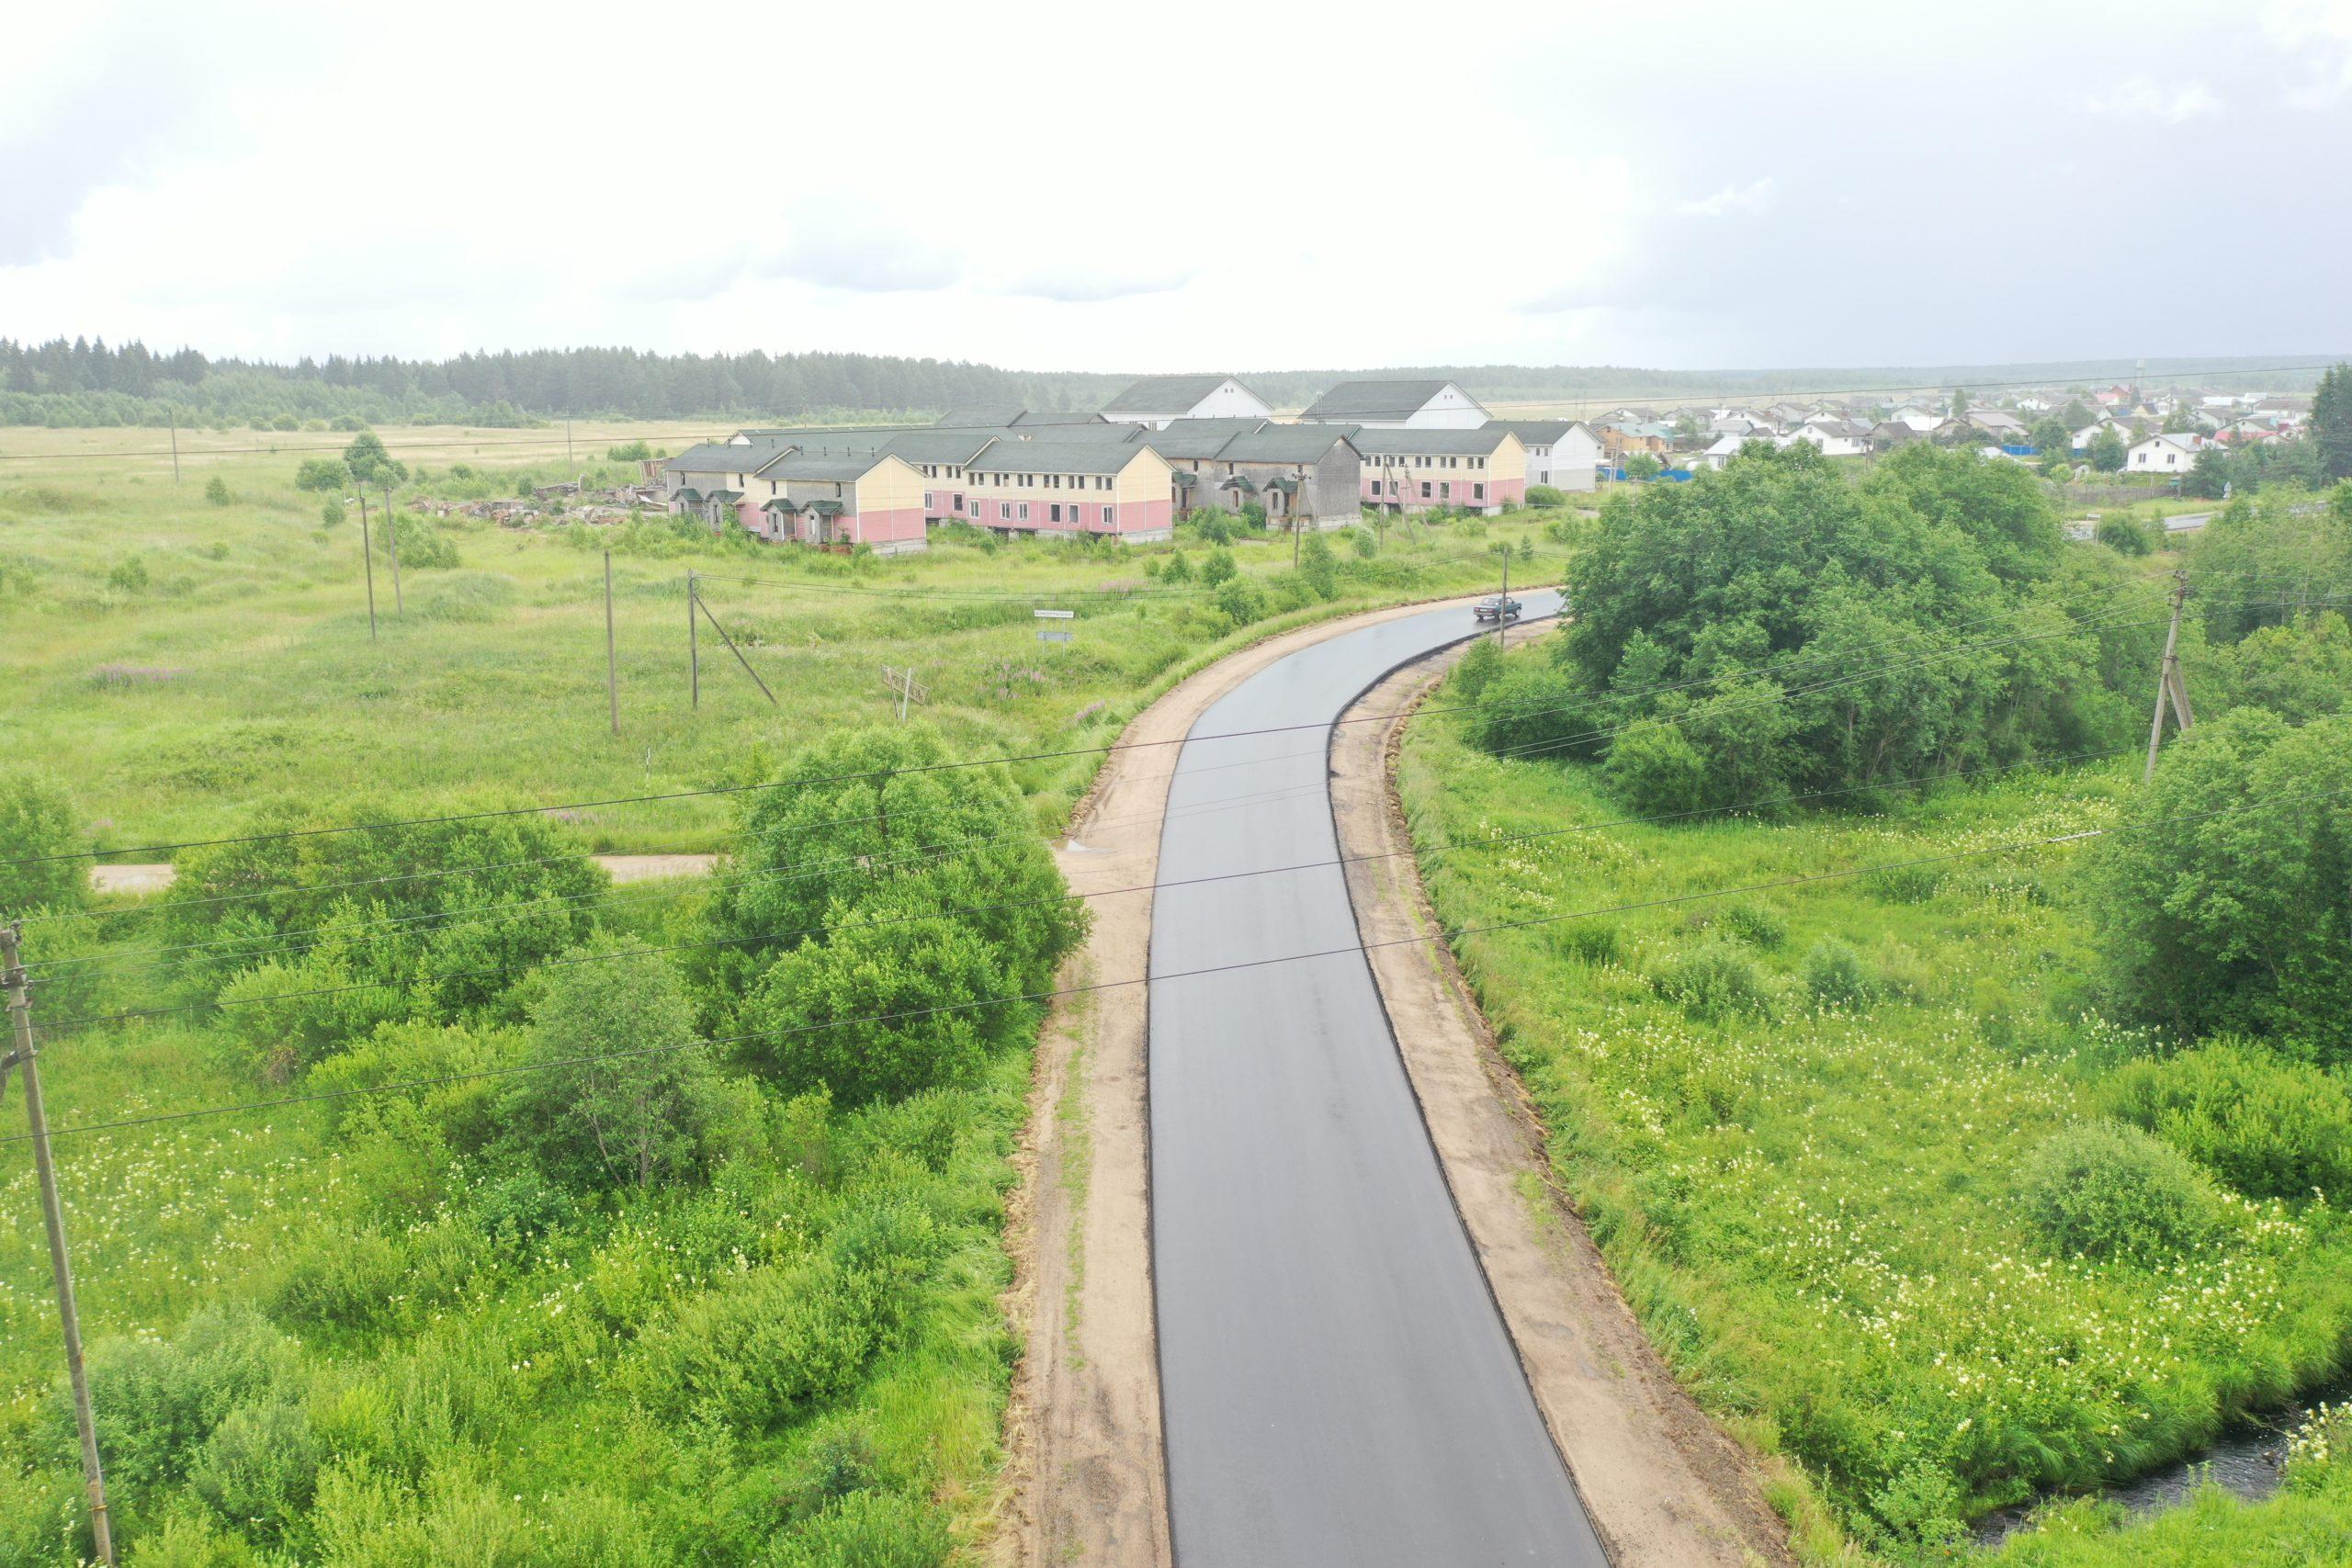 В текущем году отремонтируют 22 километра автодороги между двумя районами Тверской области